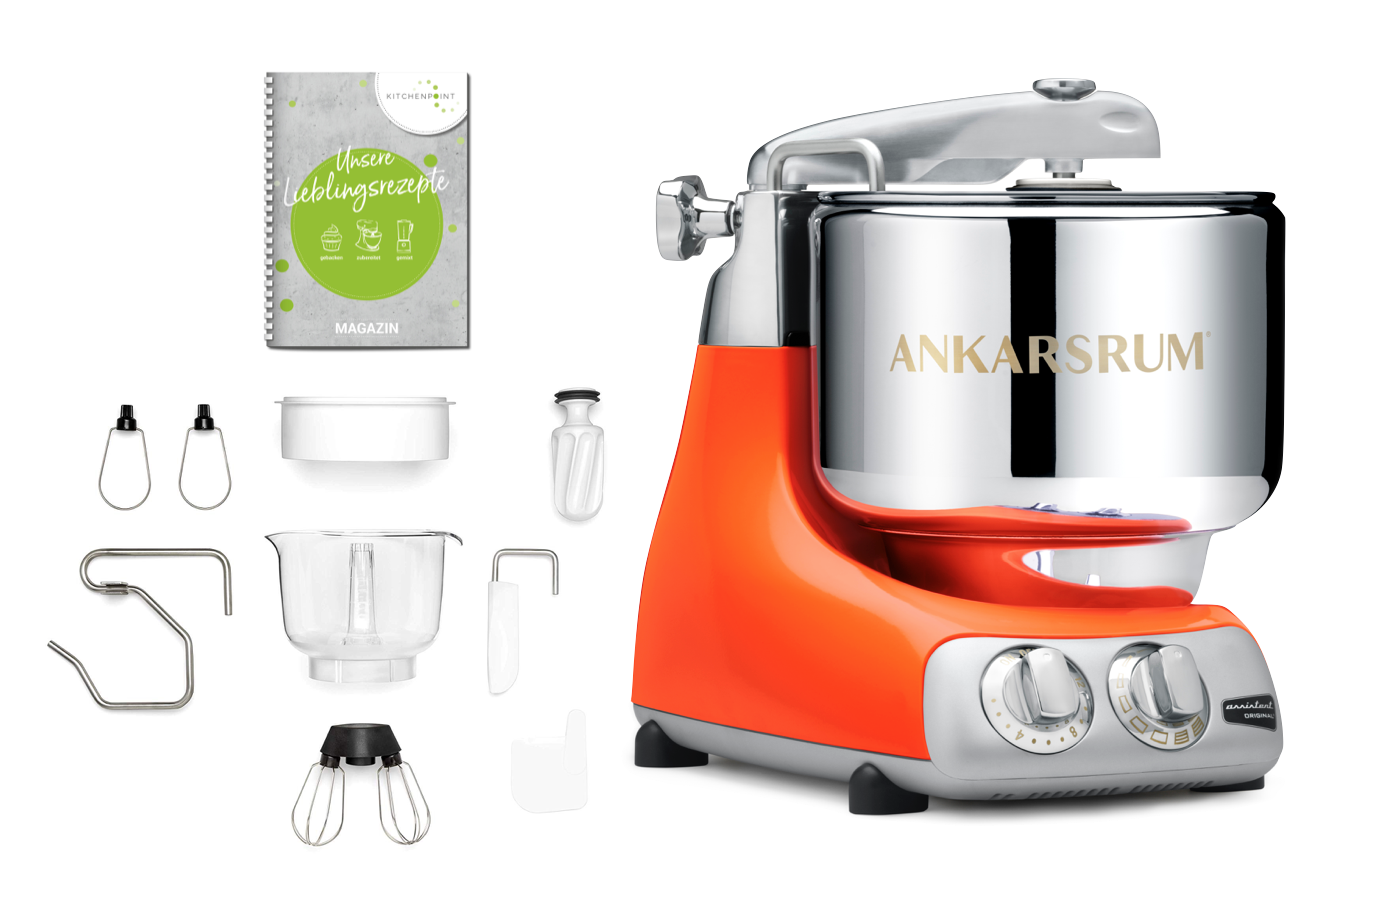 Ankarsrum Küchenmaschine Assistent Pure Orange